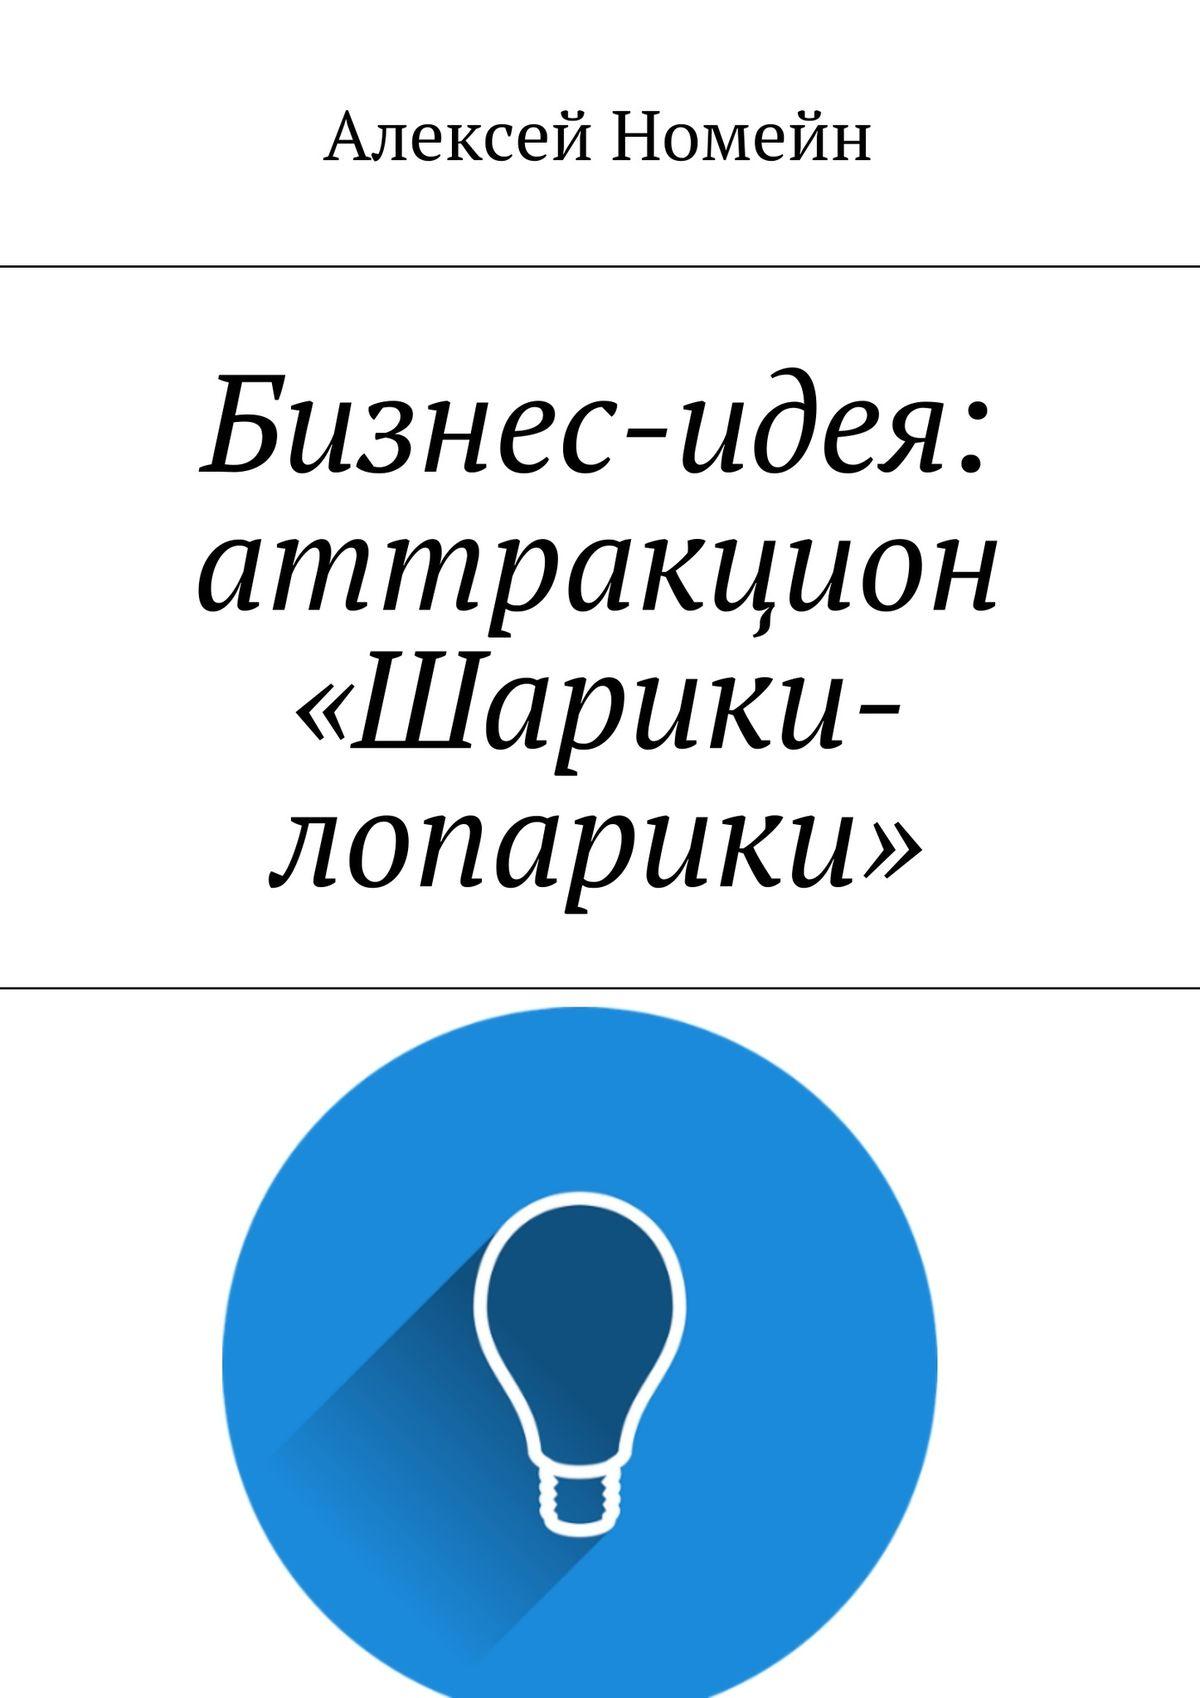 Алексей Номейн Бизнес-идея: аттракцион «Шарики-лопарики» номейн алексей бизнес идея купонный сайт